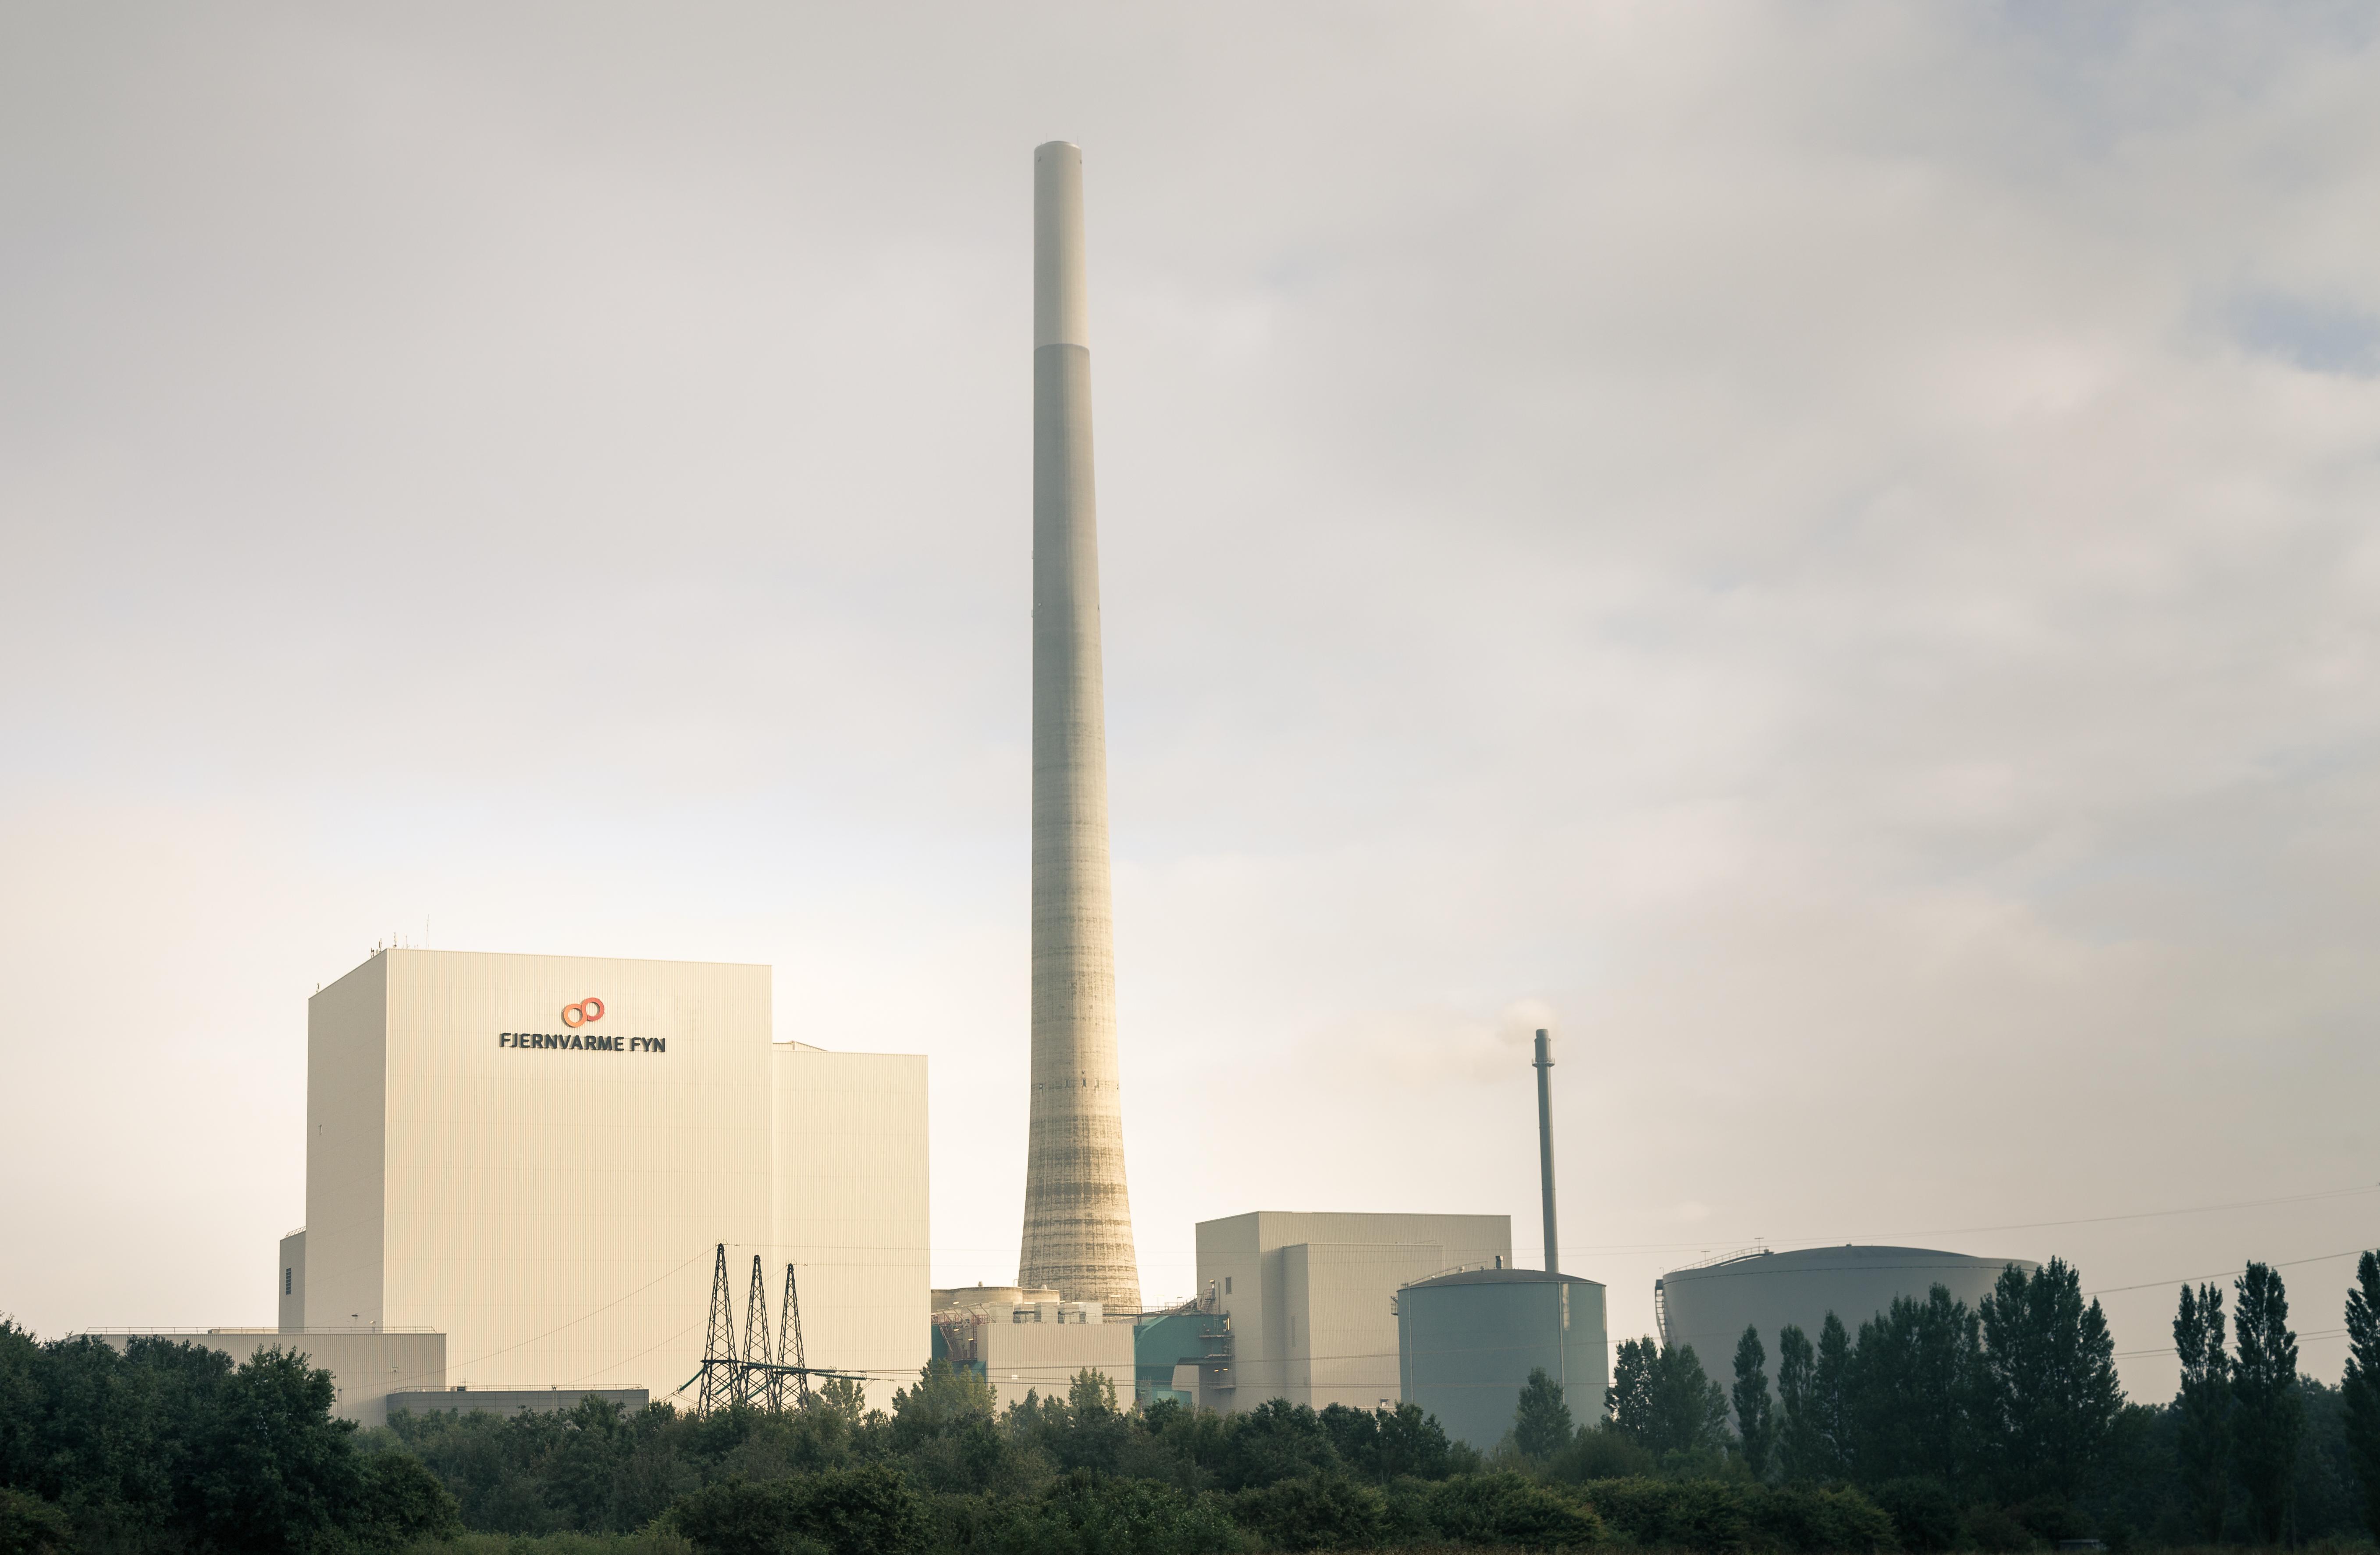 Fjernvarme Fyn et af verdens største fjernvarmeselskaber